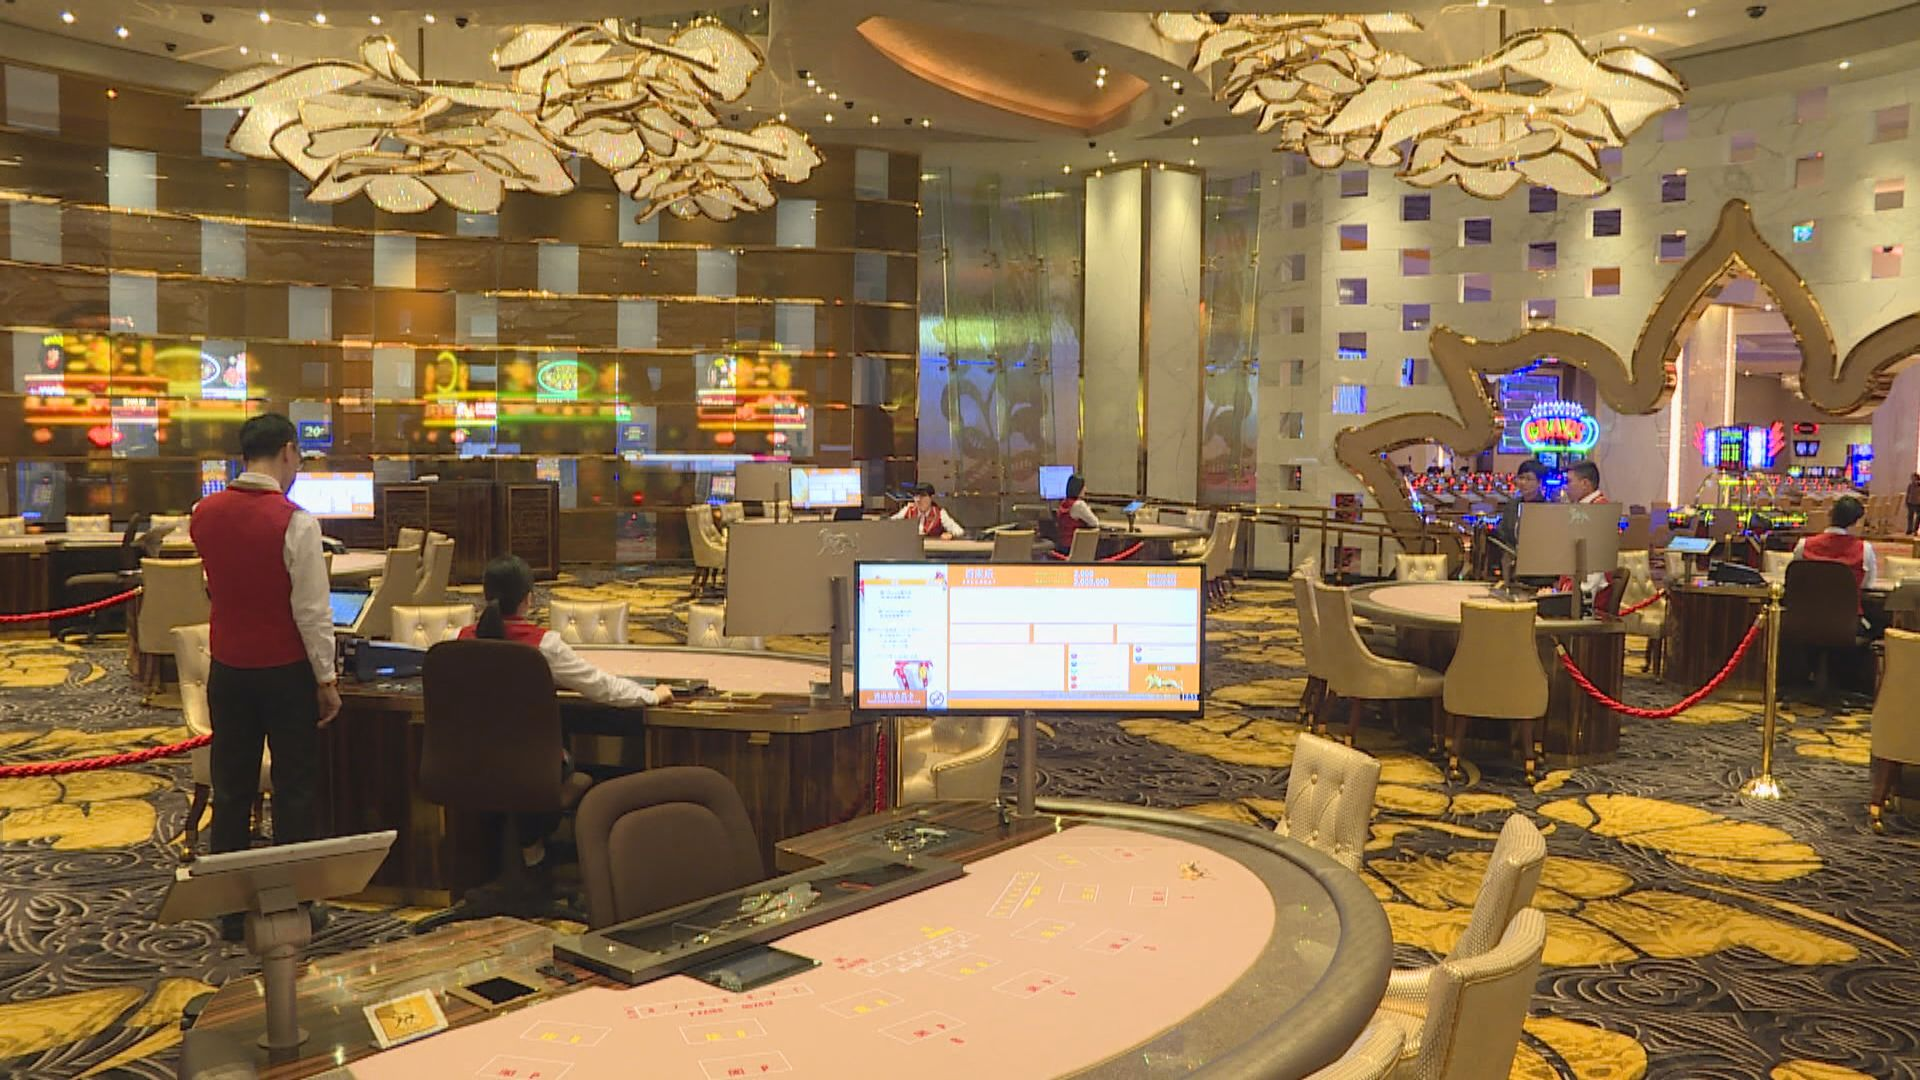 【賭場停業】業界:政府欠清晰指引 望提供補貼支援